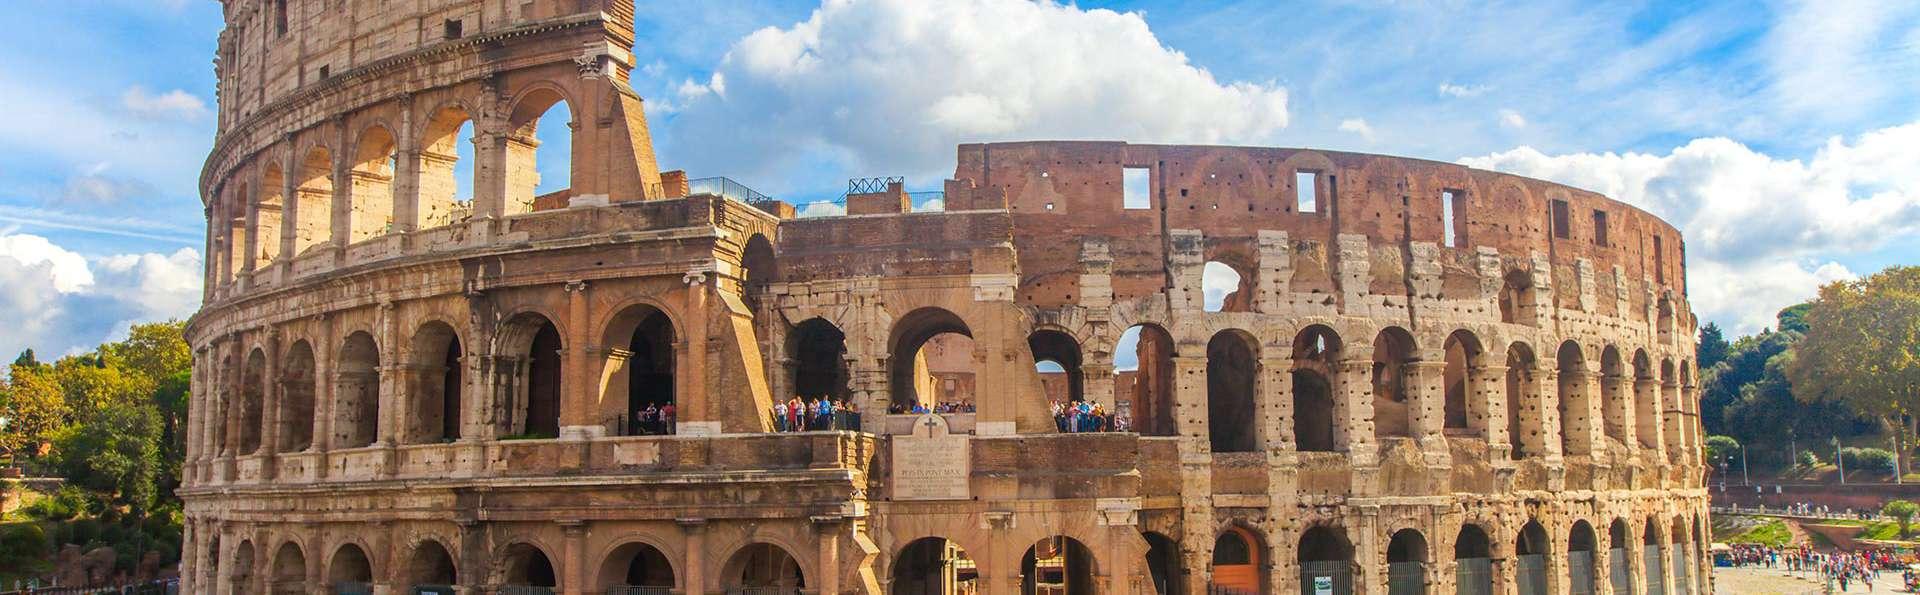 Week-end à la découverte de Rome avec une visite au Colisée